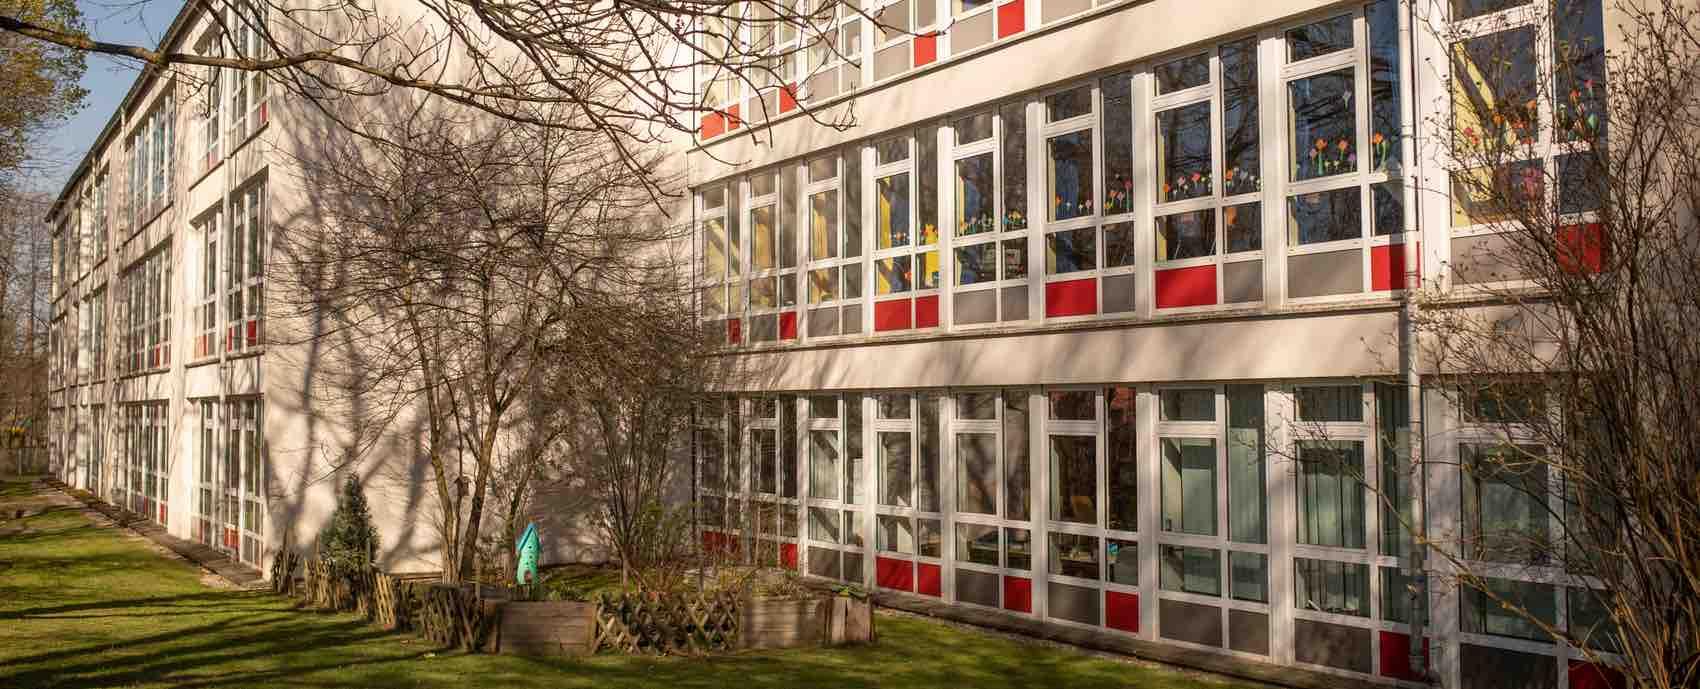 Tuttmann-Schule-25_1700x689_opt